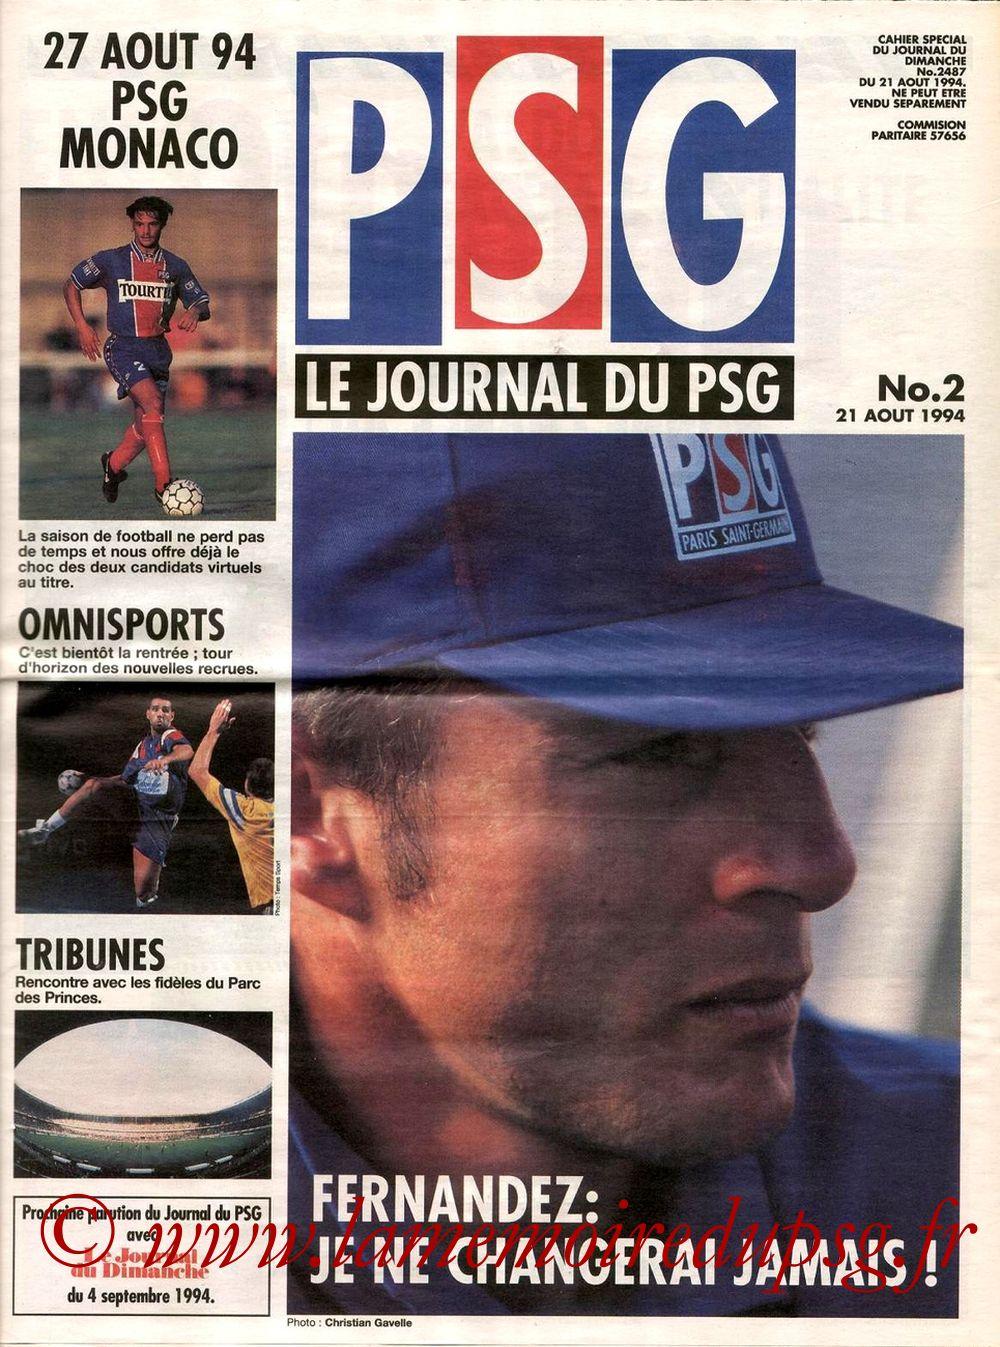 1994-08-27  PSG-Monaco (6ème D1, Le journal du PSG N°2)